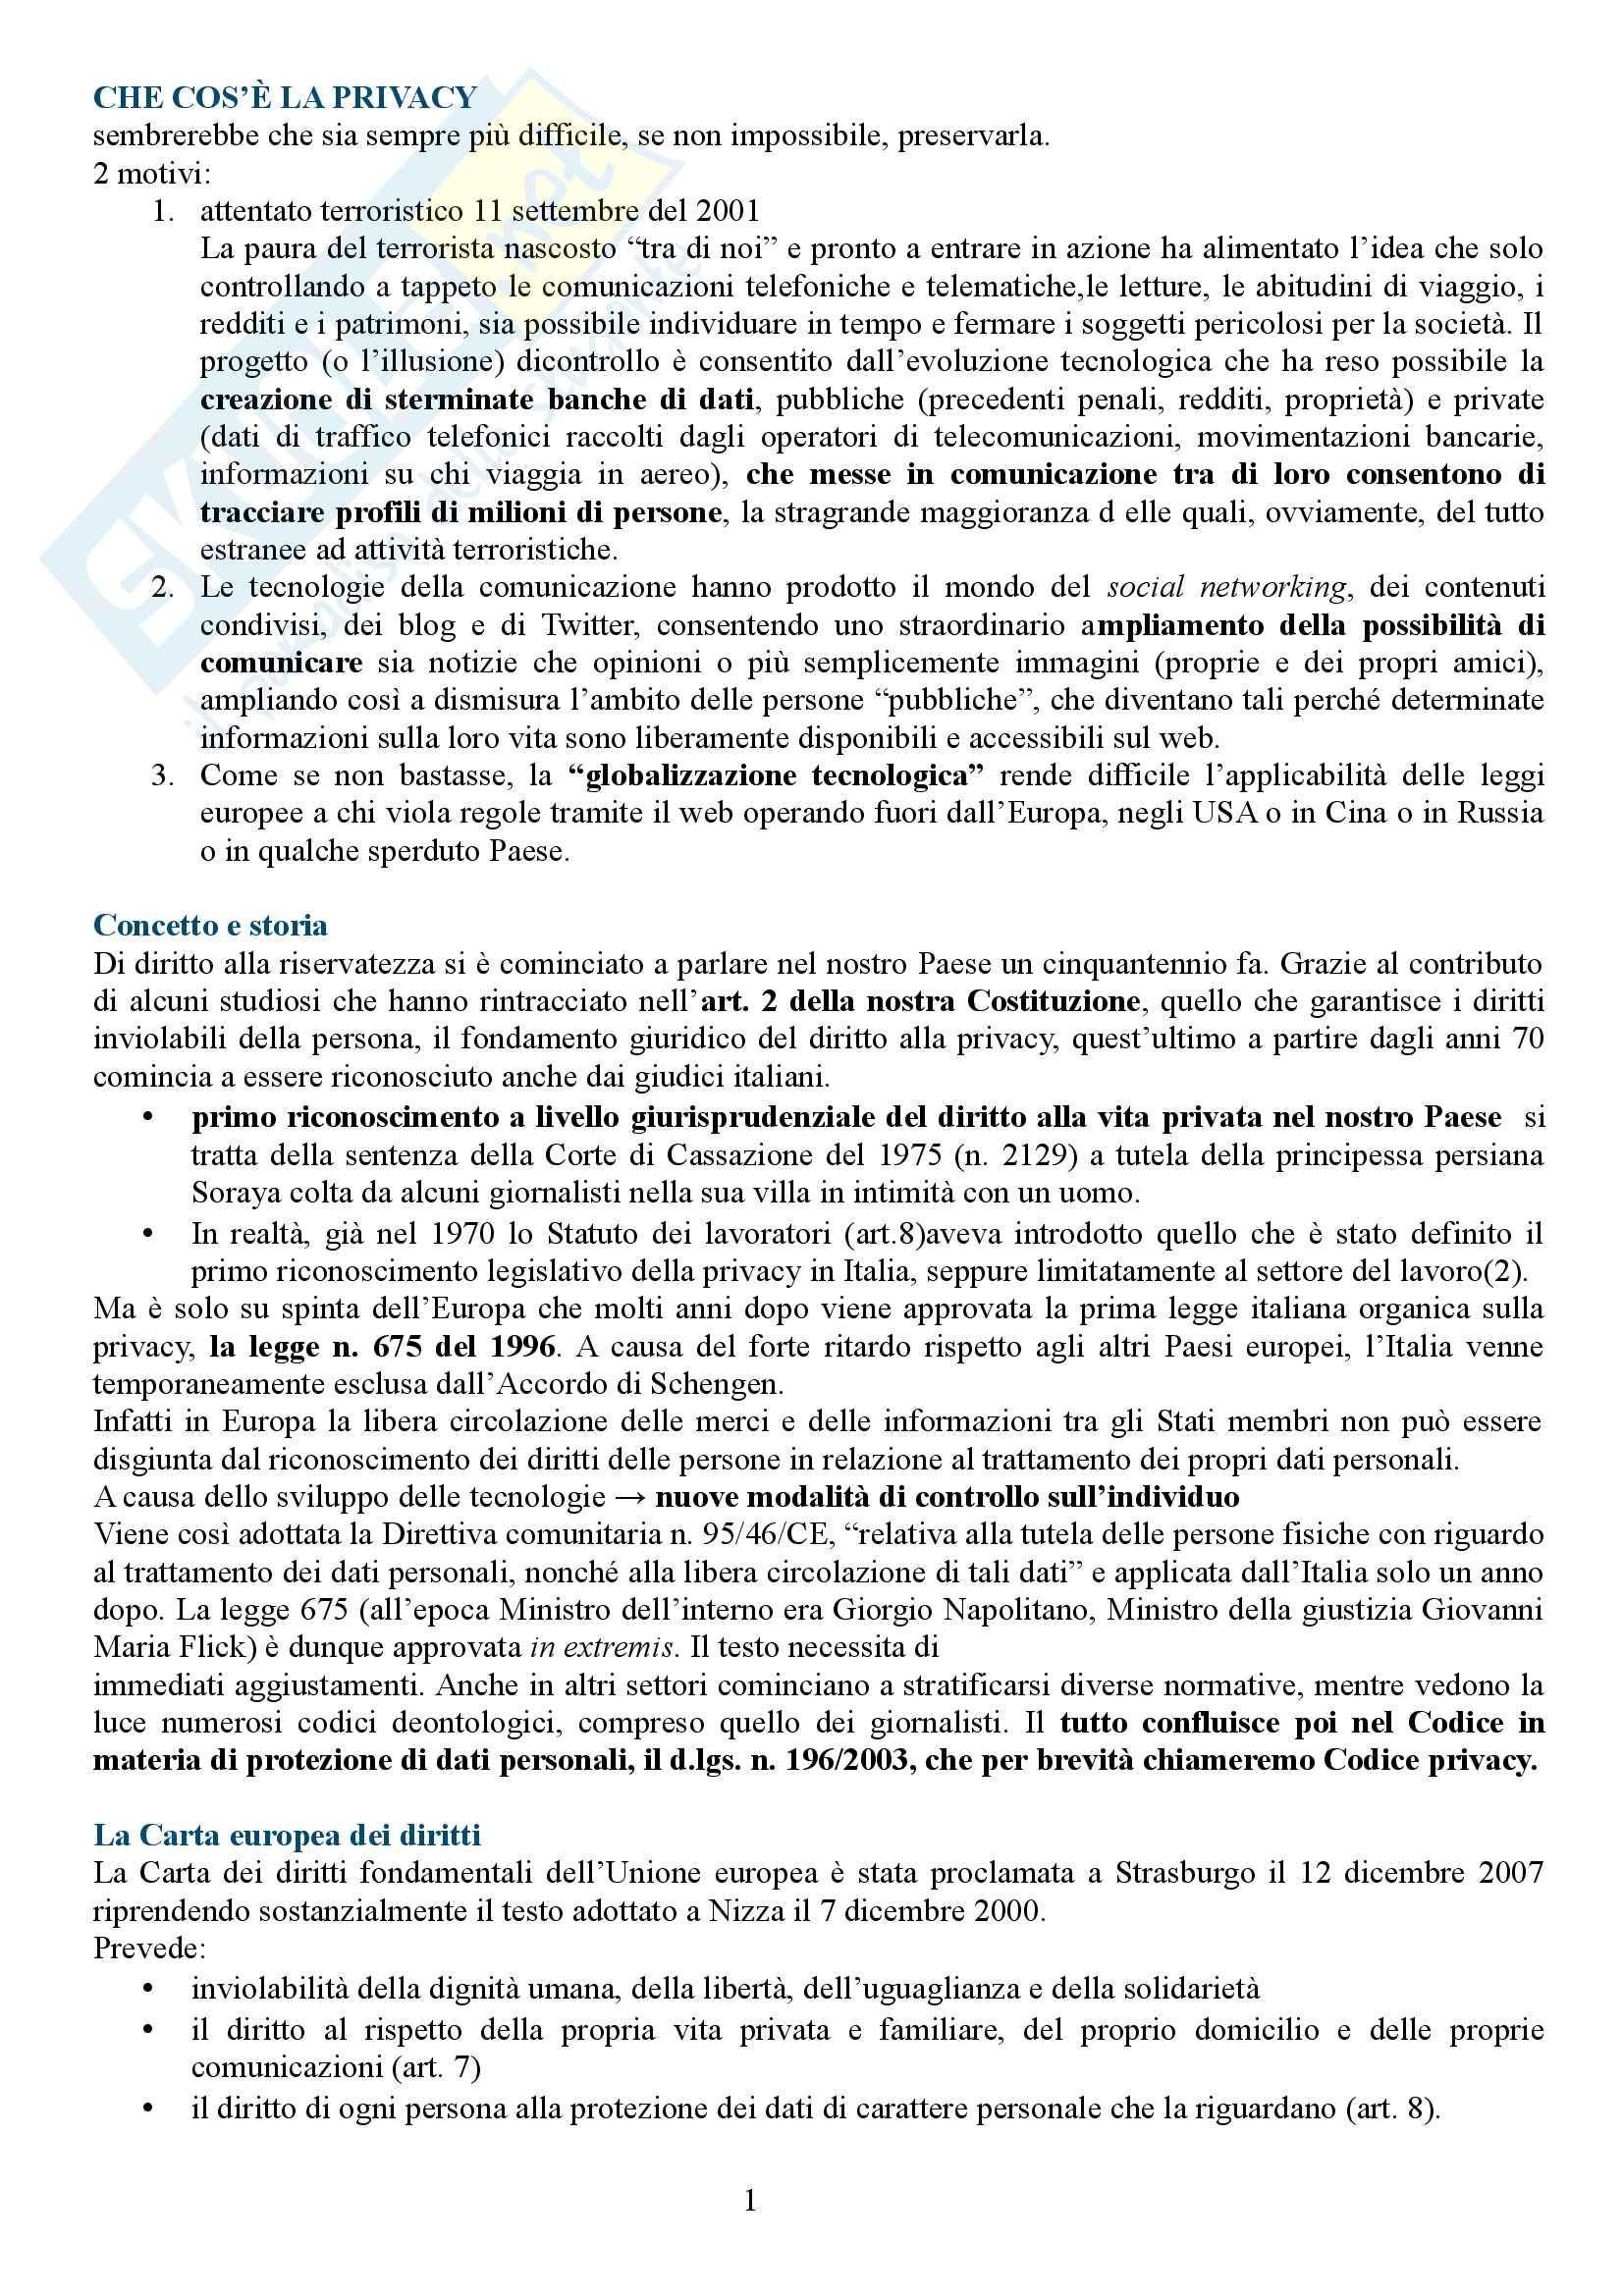 Riassunto esame comunicazione giornalistica, prof.Bartoli, libro consigliato Privacy e giornalismo